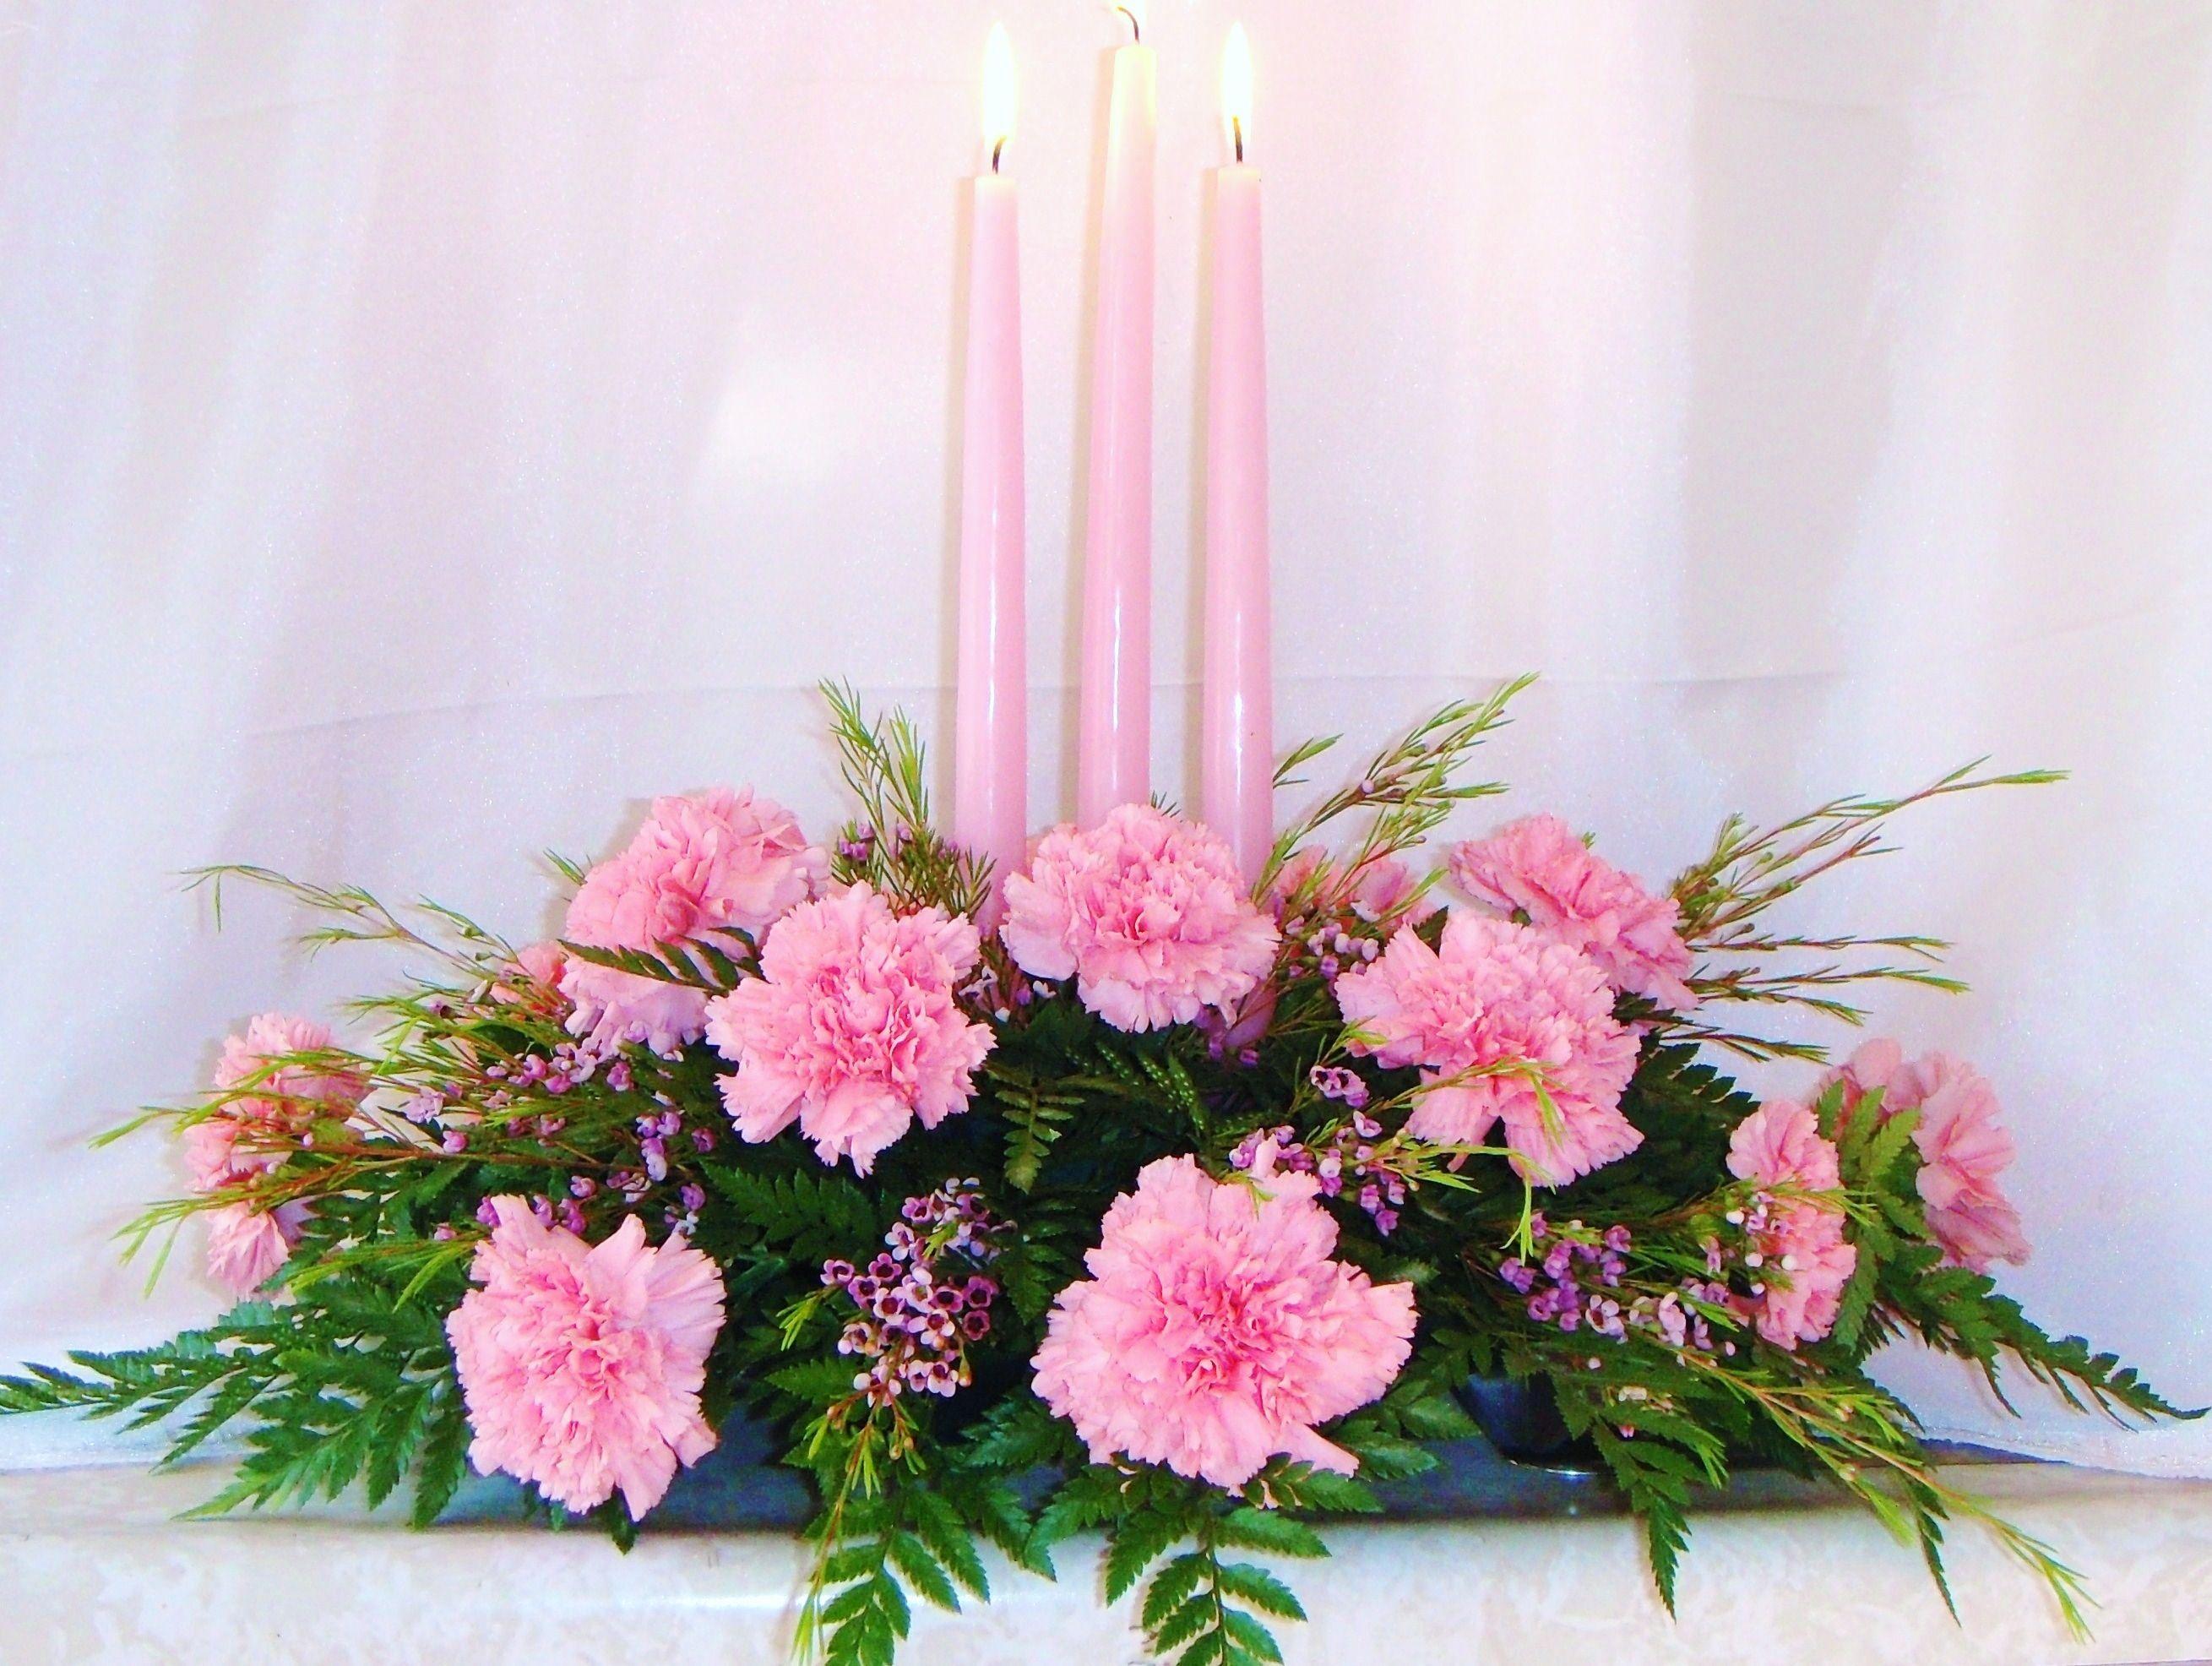 Pink Carnation Floral Arrangement By Weddings Unveiled Hamilton 905 920 0810 Flower Arrangements Floral Arrangements Wedding Flowers Bridal Bouquets